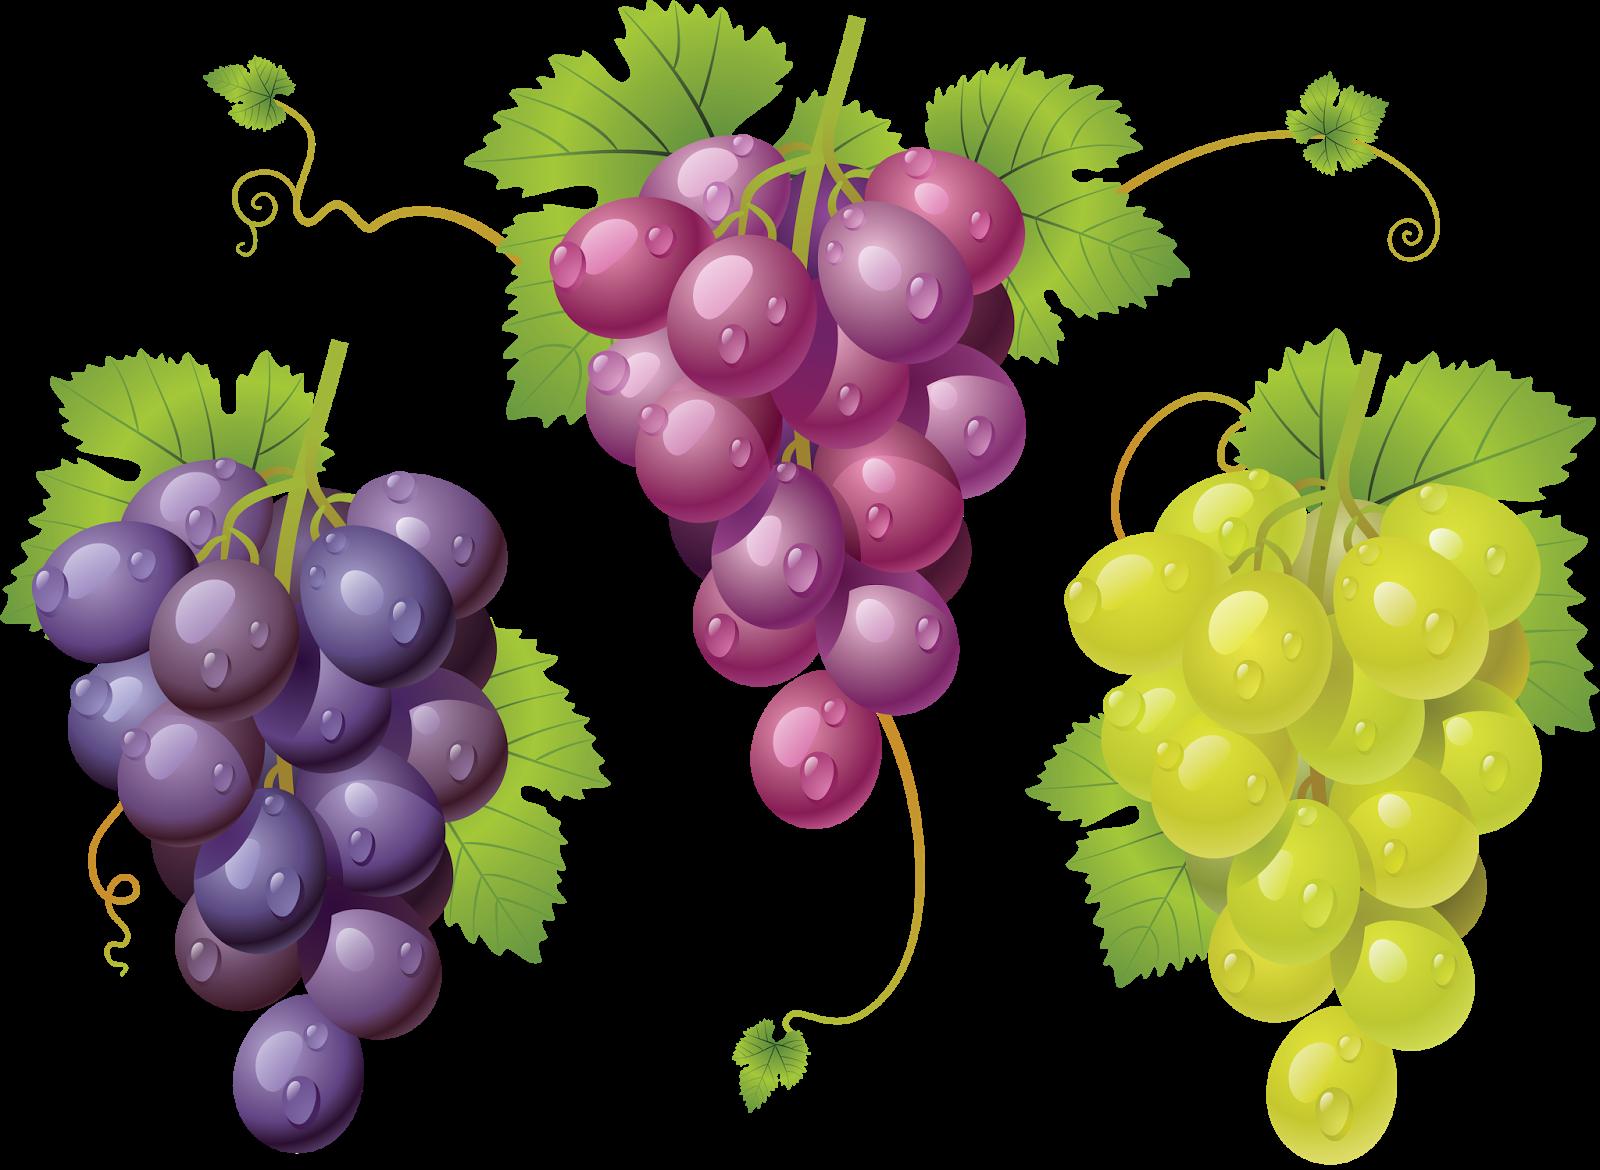 артист картинки ягод винограда сообществе есть